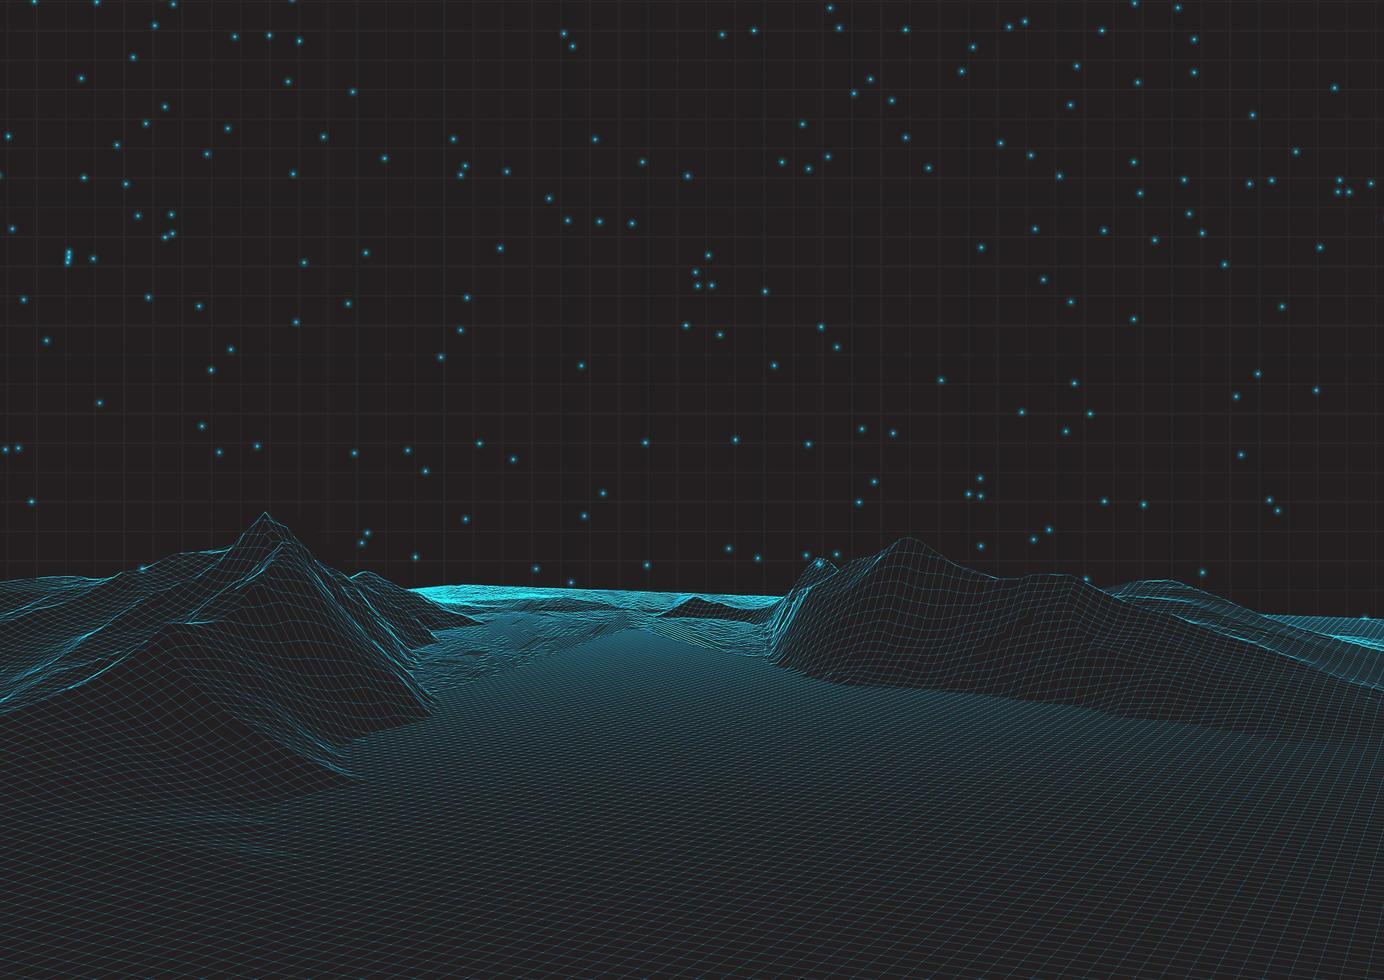 futuristisch draadframe landschap op raster vector